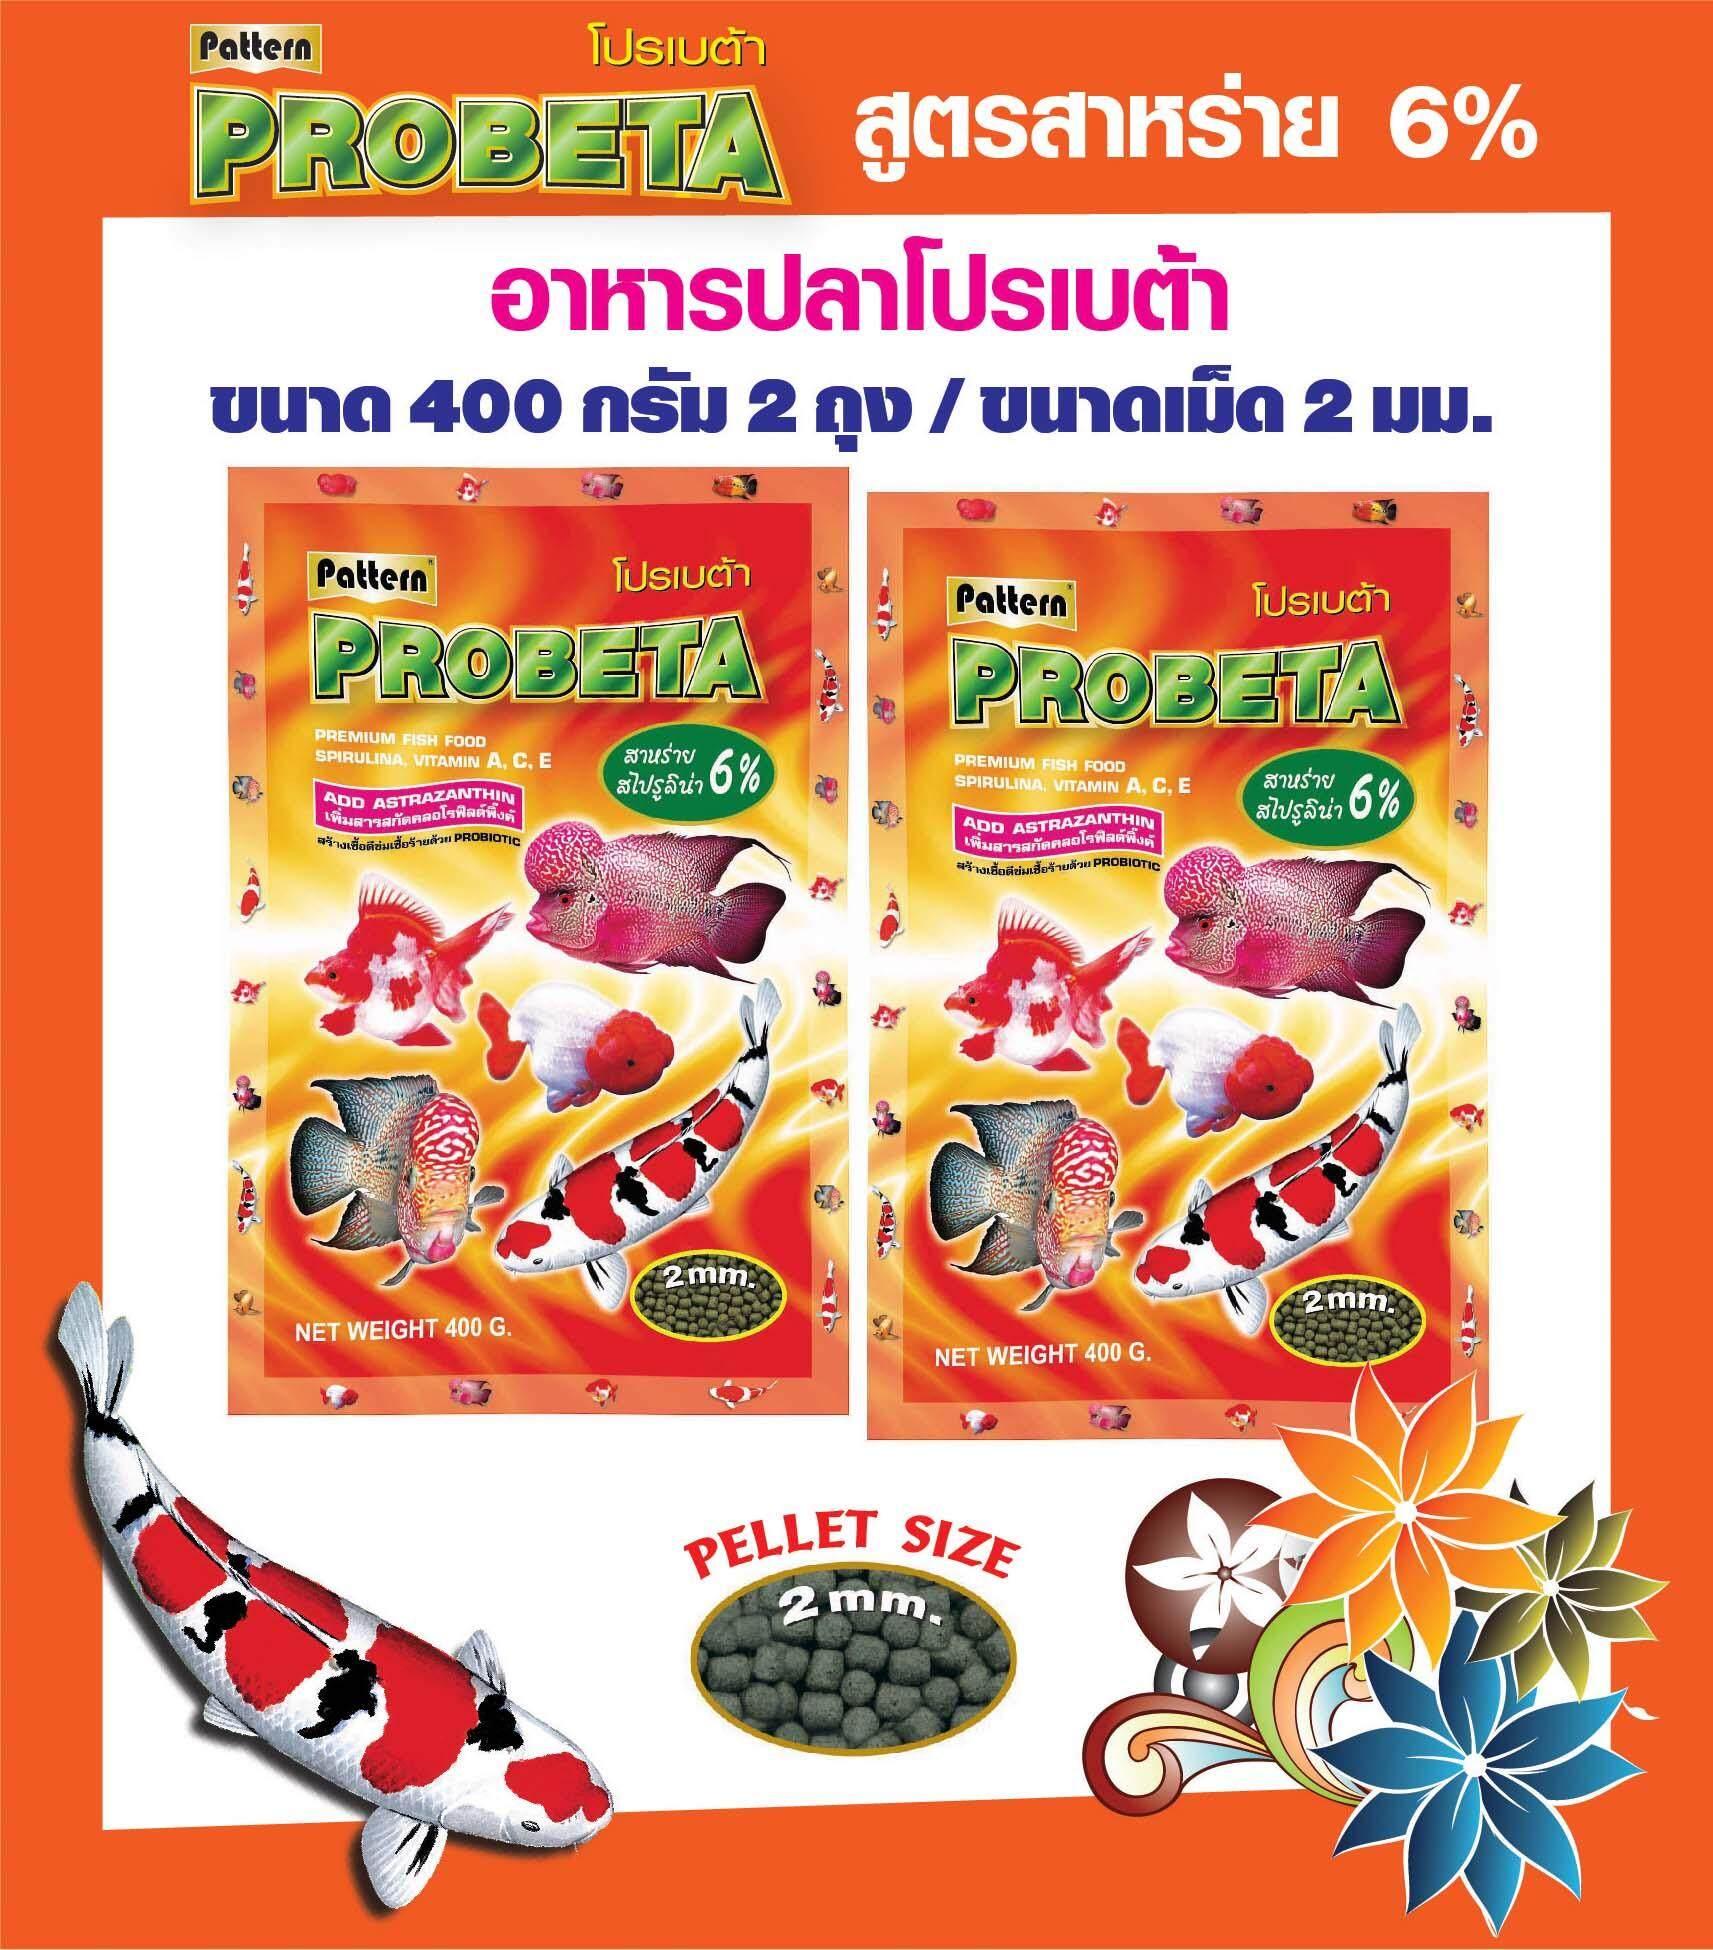 Probeta อาหารปลาโปรเบต้า เม็ดลอยน้ำ / Spirulina 6% อาหารปลาสวยงาม สูตรสาหร่าย 6 % เม็ด 2 มม. ขนาด 400 กรัม  จำนวน 2 ถุง